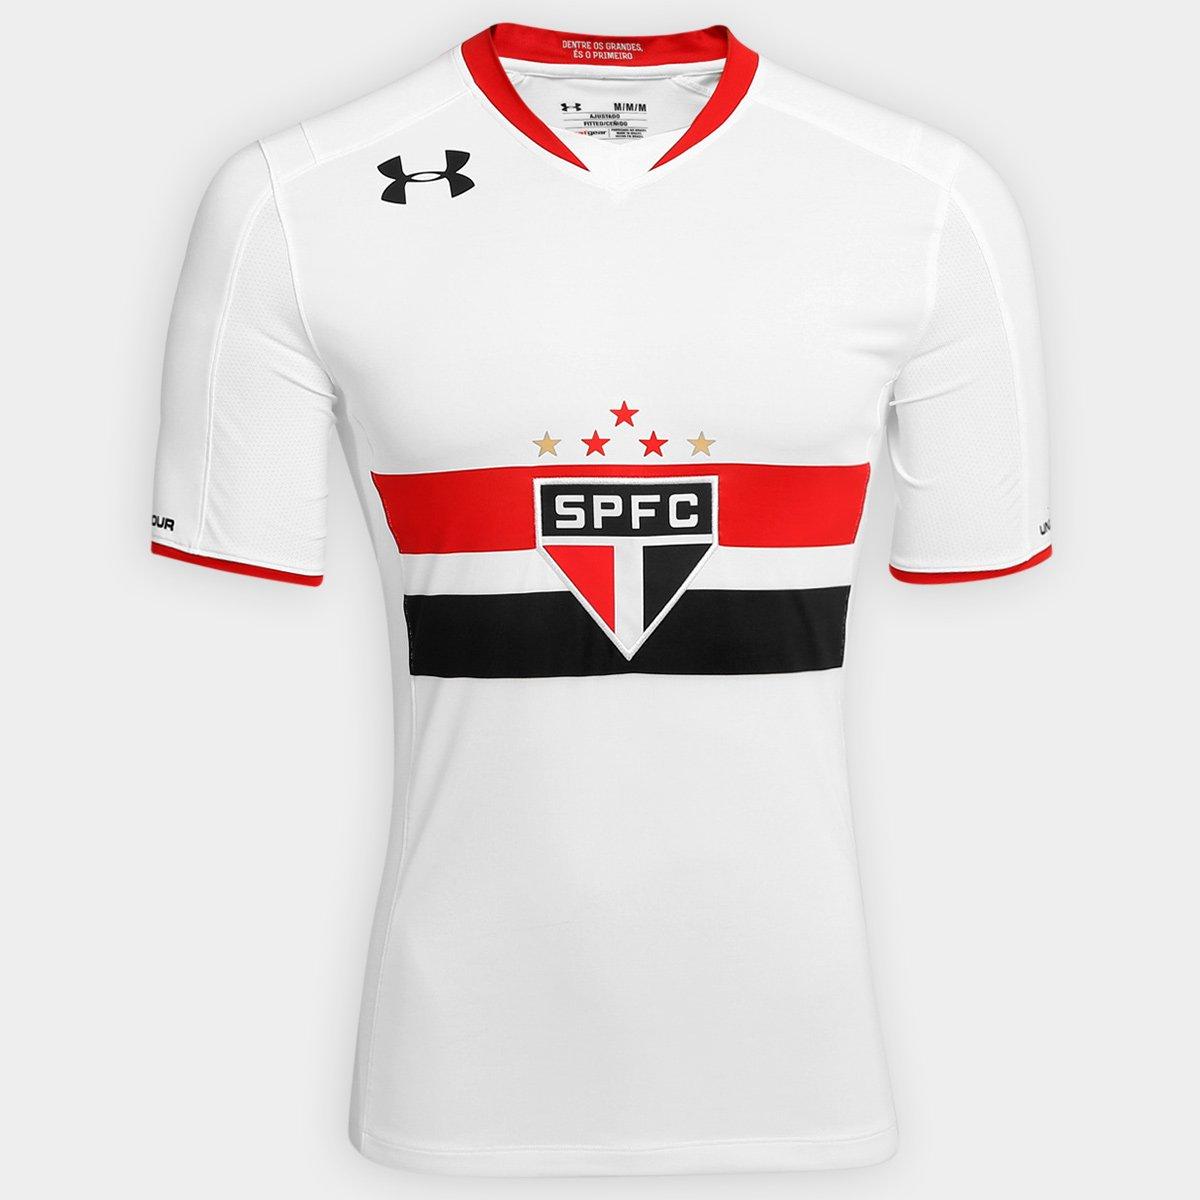 c115807a2e5 Camisa São Paulo I 15 16 s nº Jogador Under Armour Masculina - Compre Agora